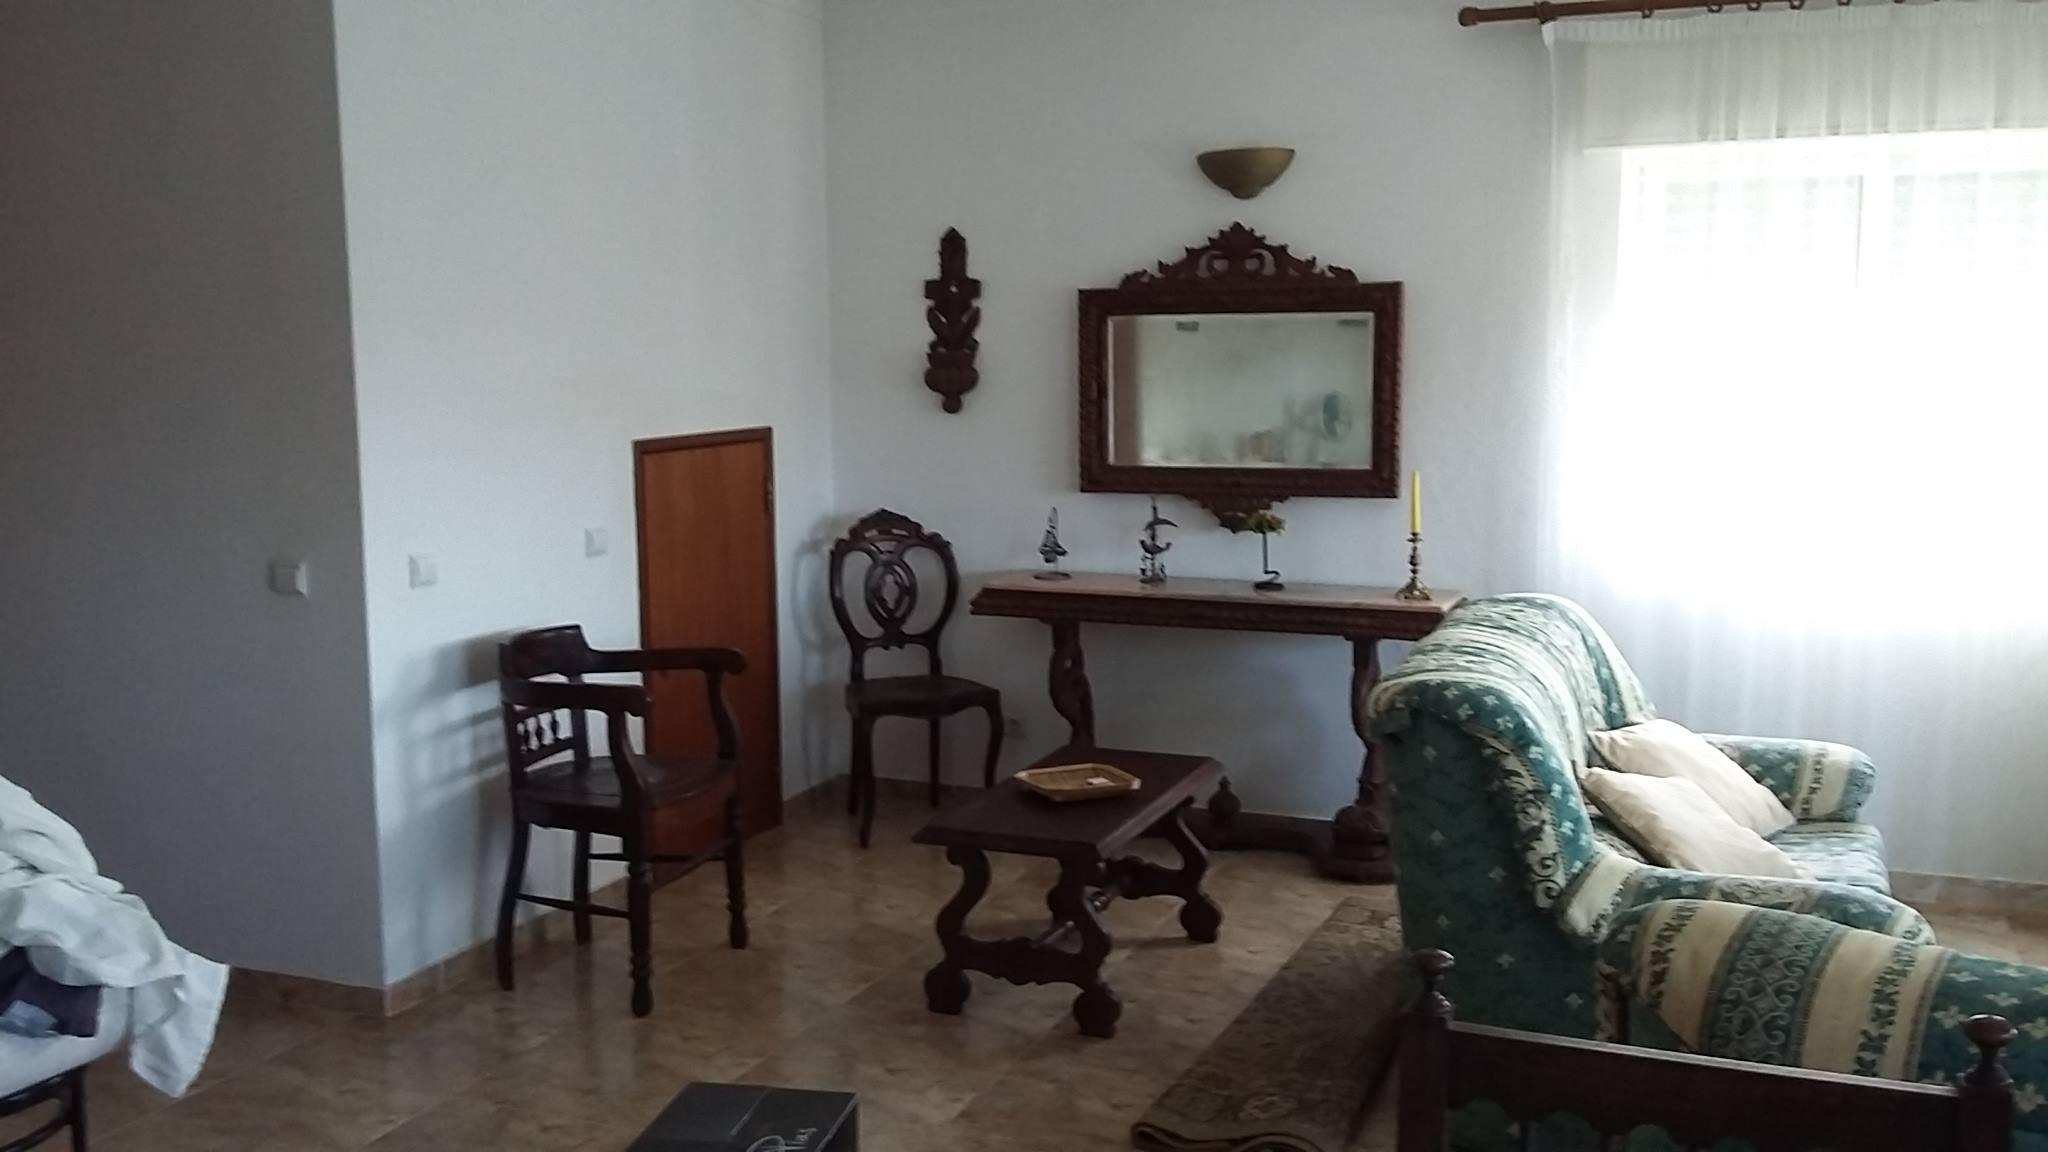 Location appartements et villas de vacance, Casa Vista Mar – Pêra – Armação de Pêra – Algarve. à Pêra, Portugal Algarve, REF_IMG_541_547